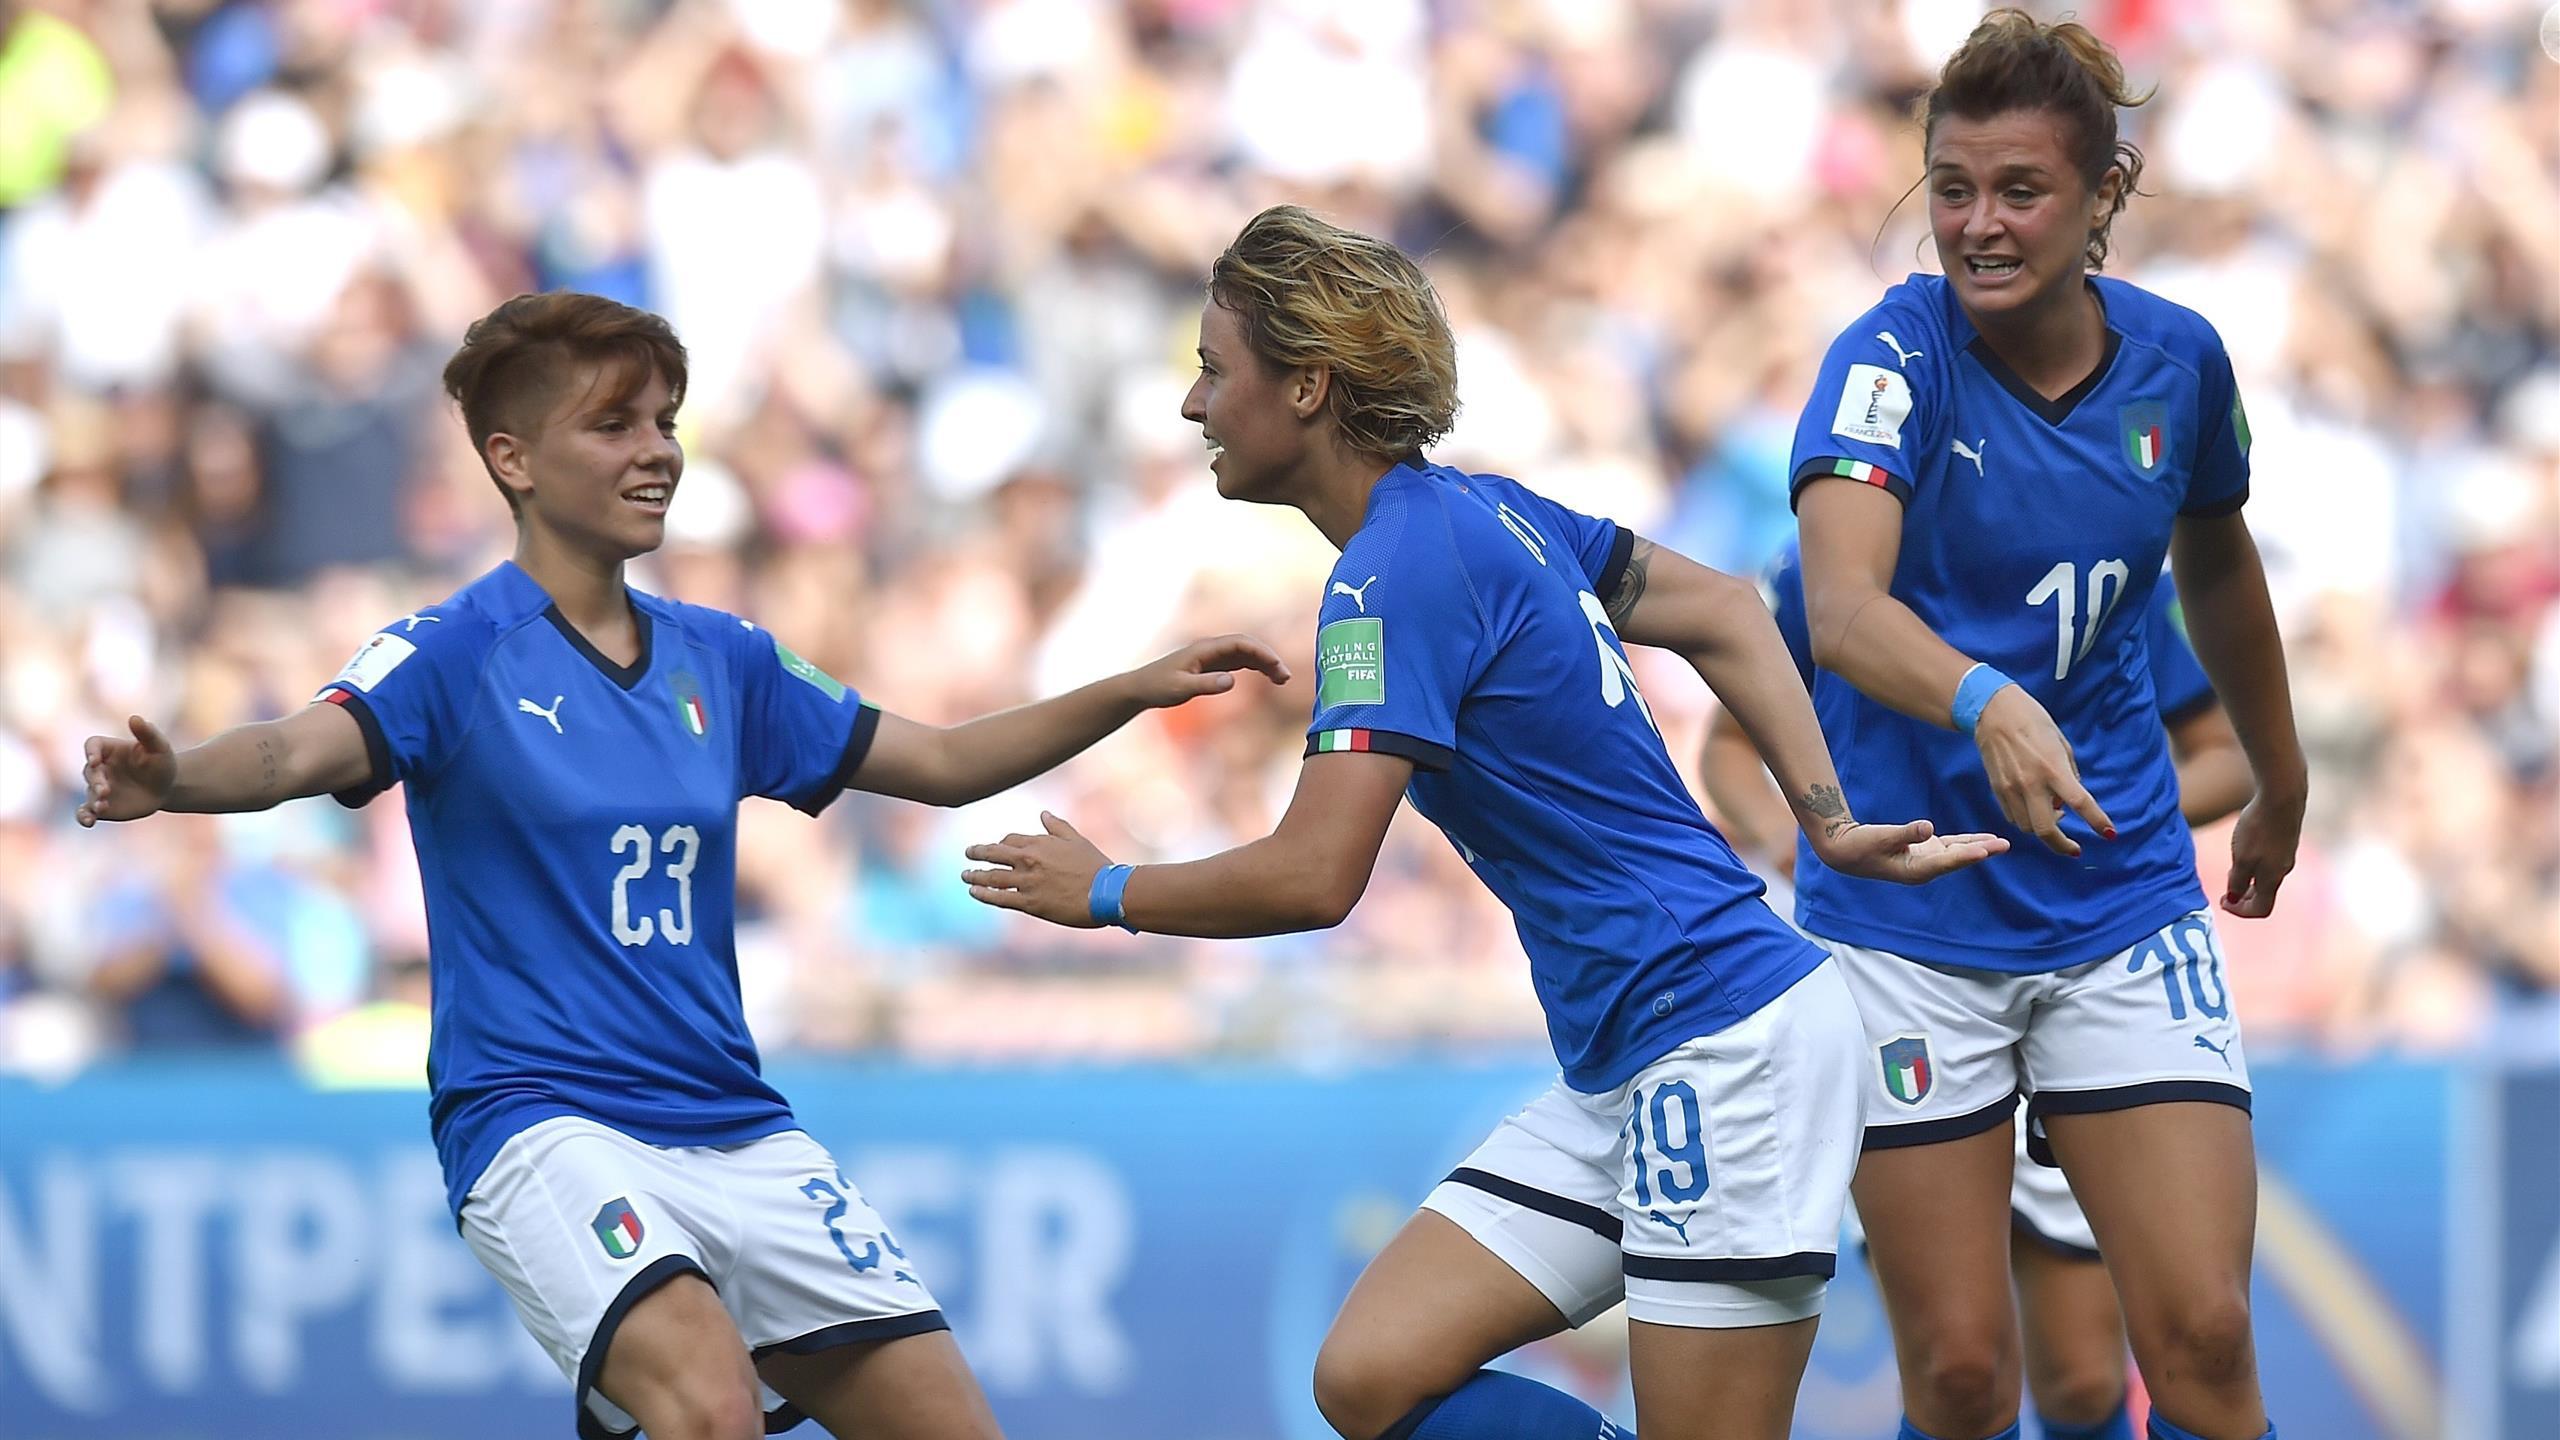 Italia Cina In Diretta Tv E Live Streaming Mondiali Femminili 2019 Calcio Eurosport